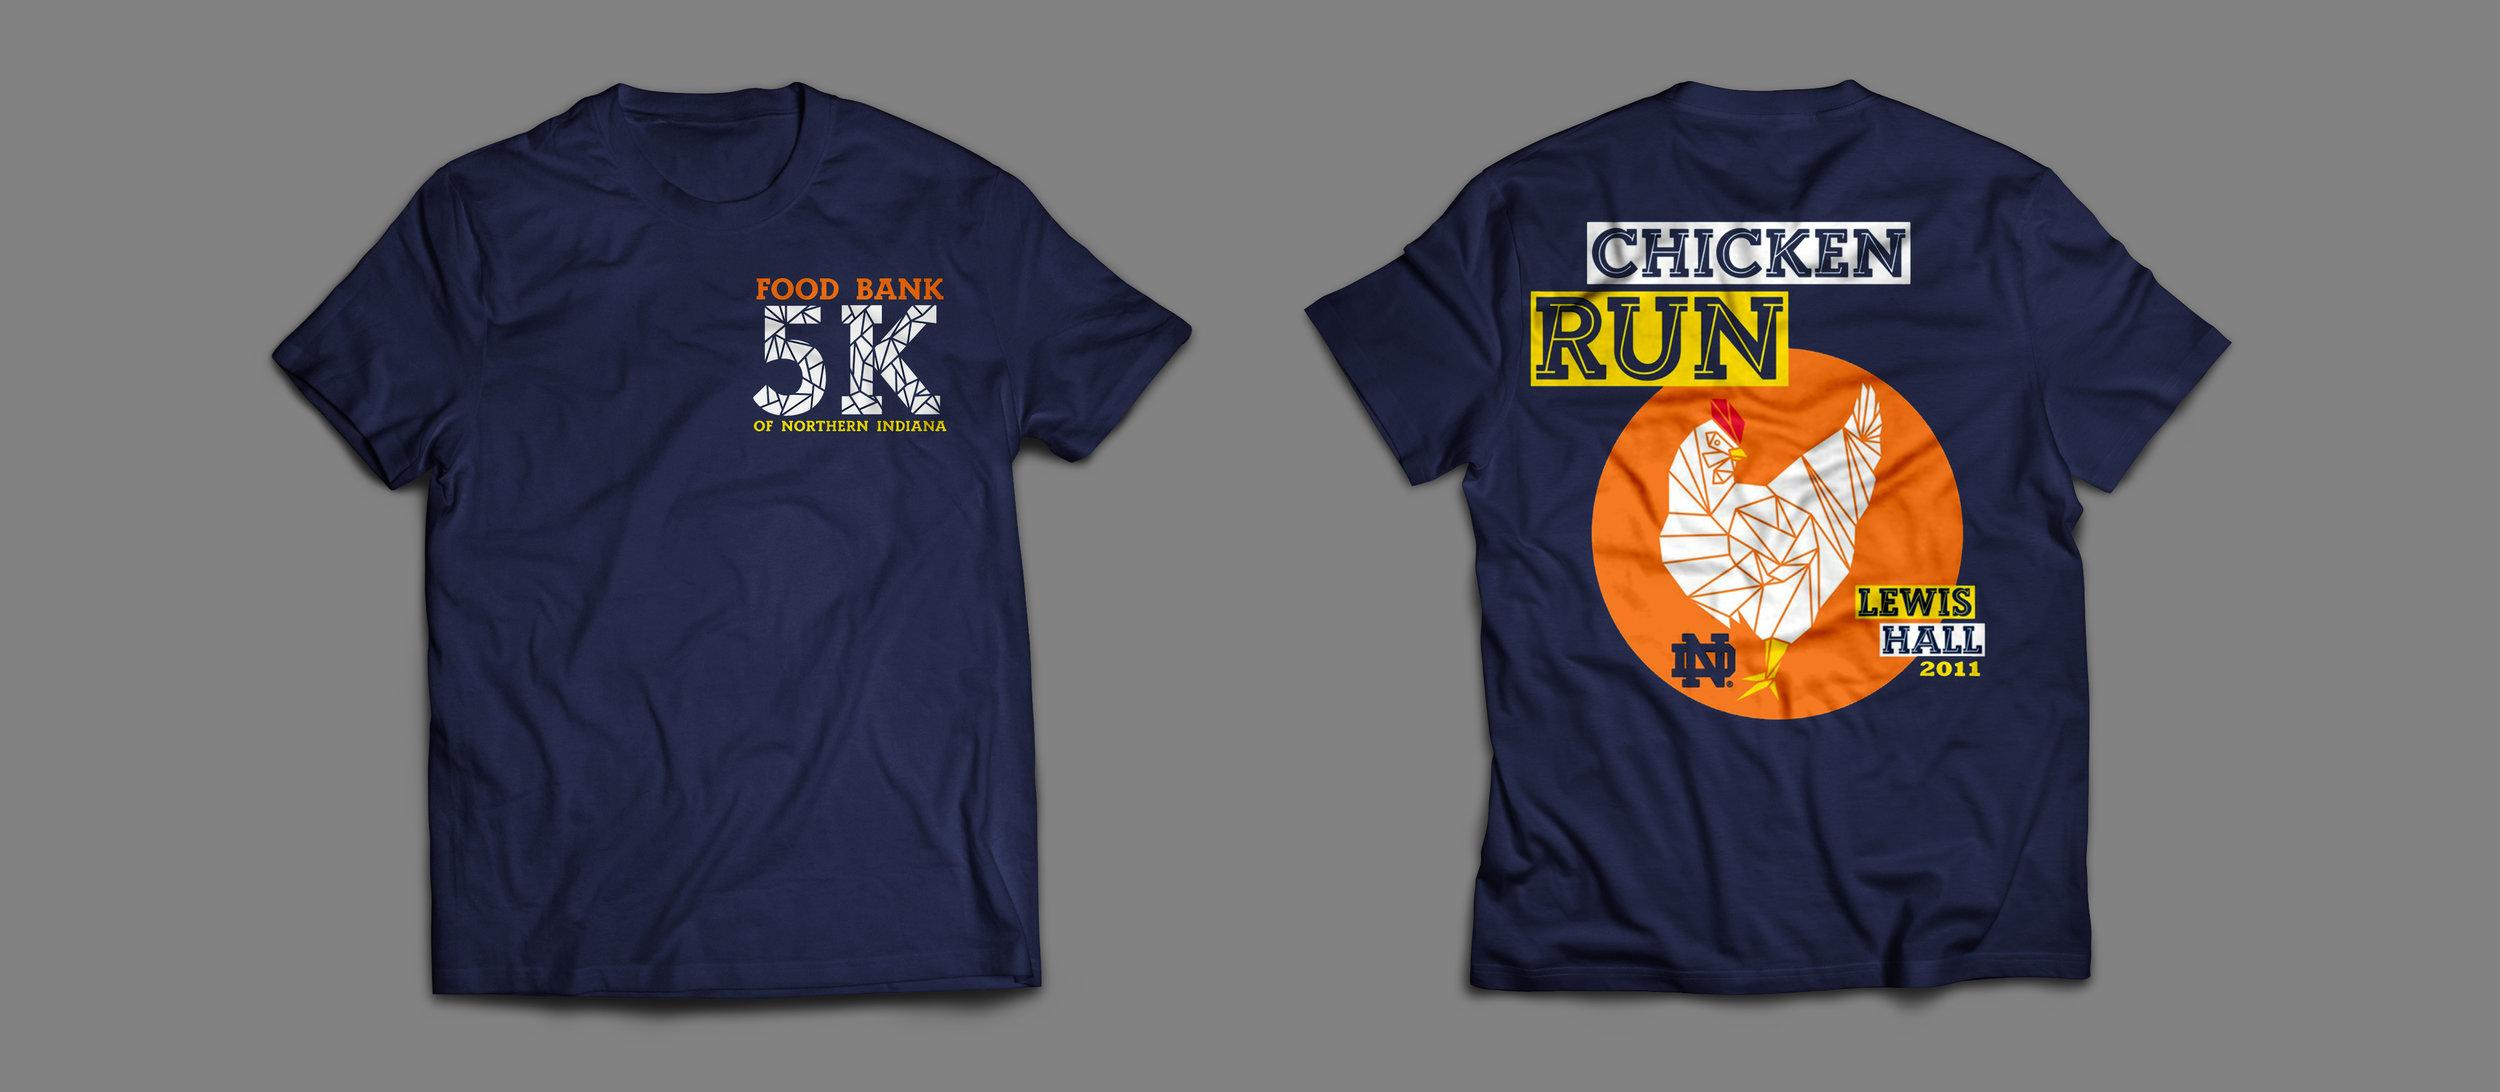 5K Charity Run Shirt Design